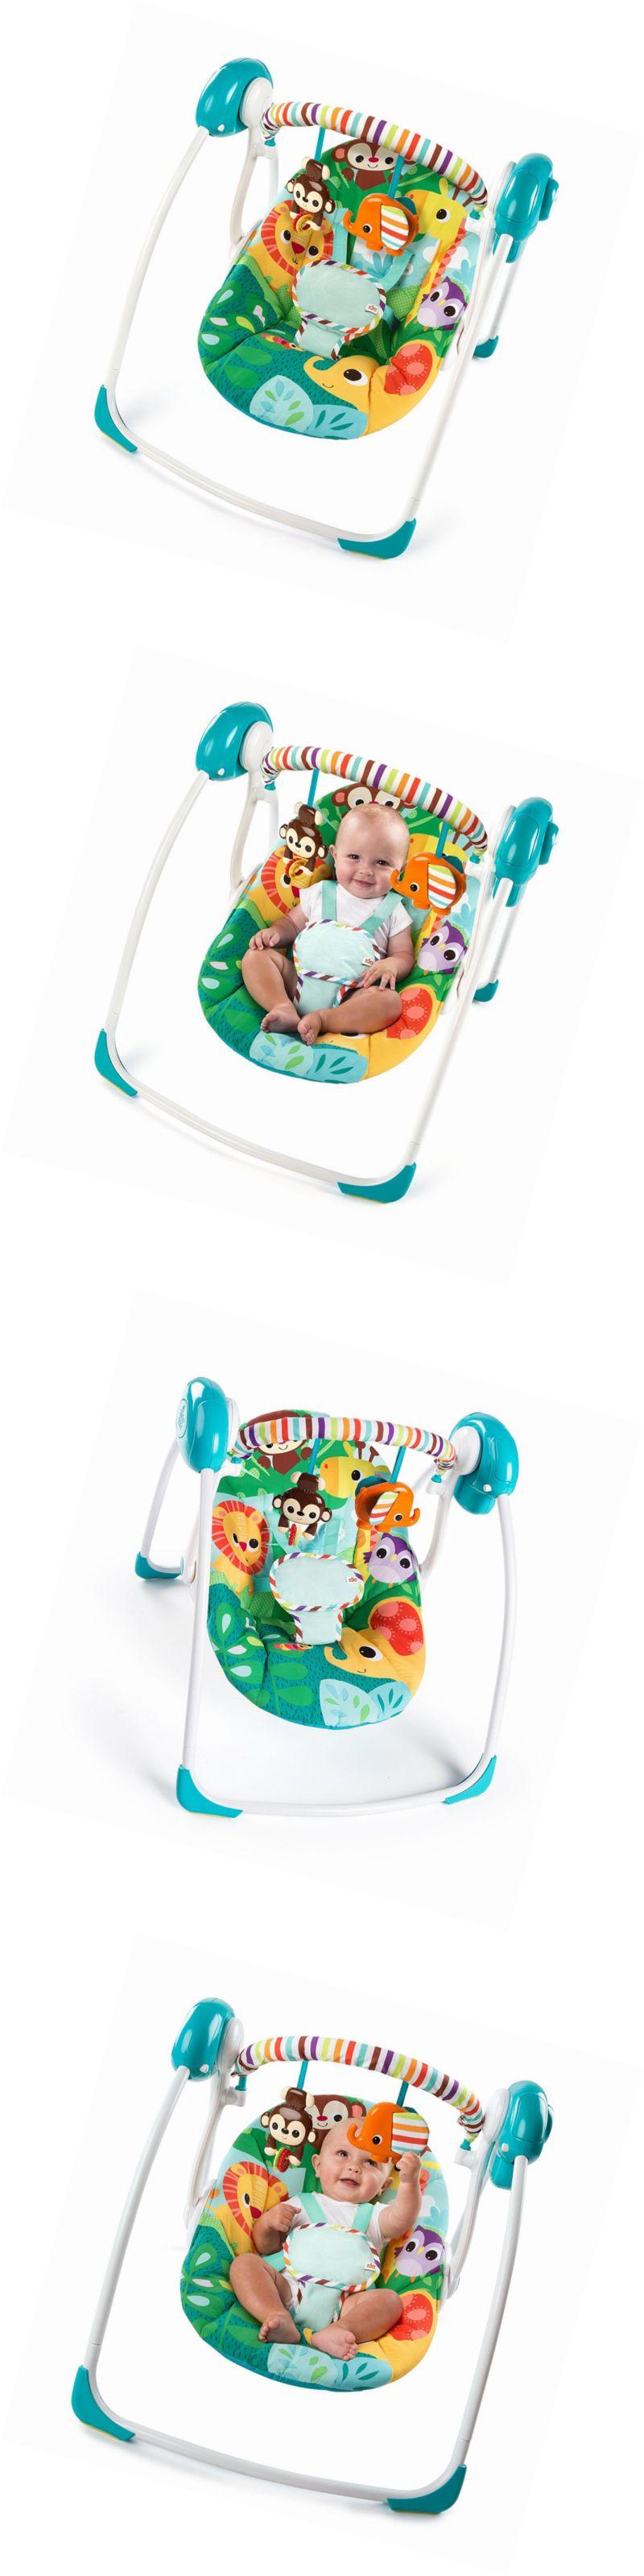 1793fcc2d Bright Starts™ Safari Surprise Portable Swing